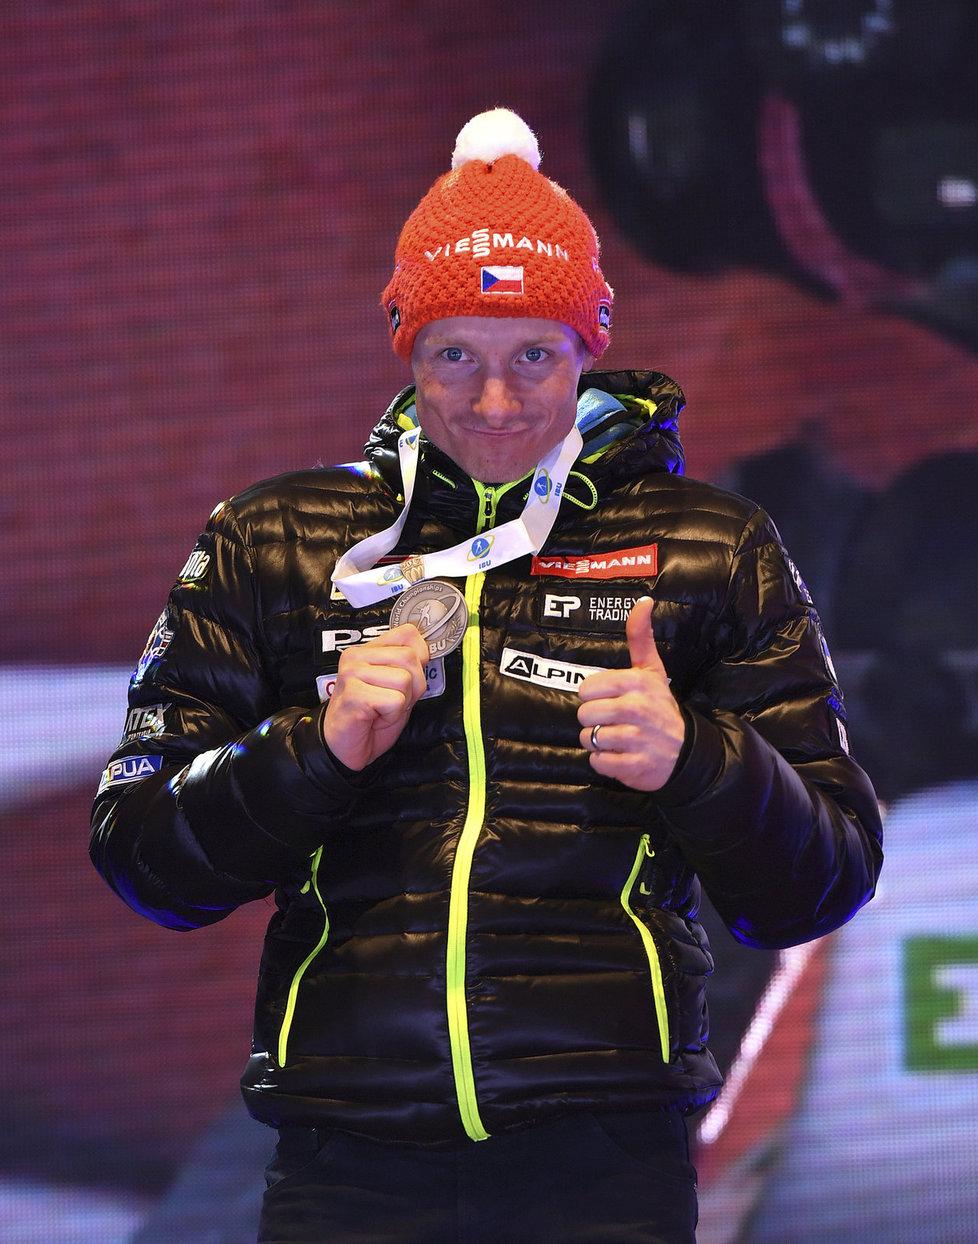 Je to tam! Ondřej Moravec se chlubí se svou stříbrnou medailí za individuální závod na 20 km.